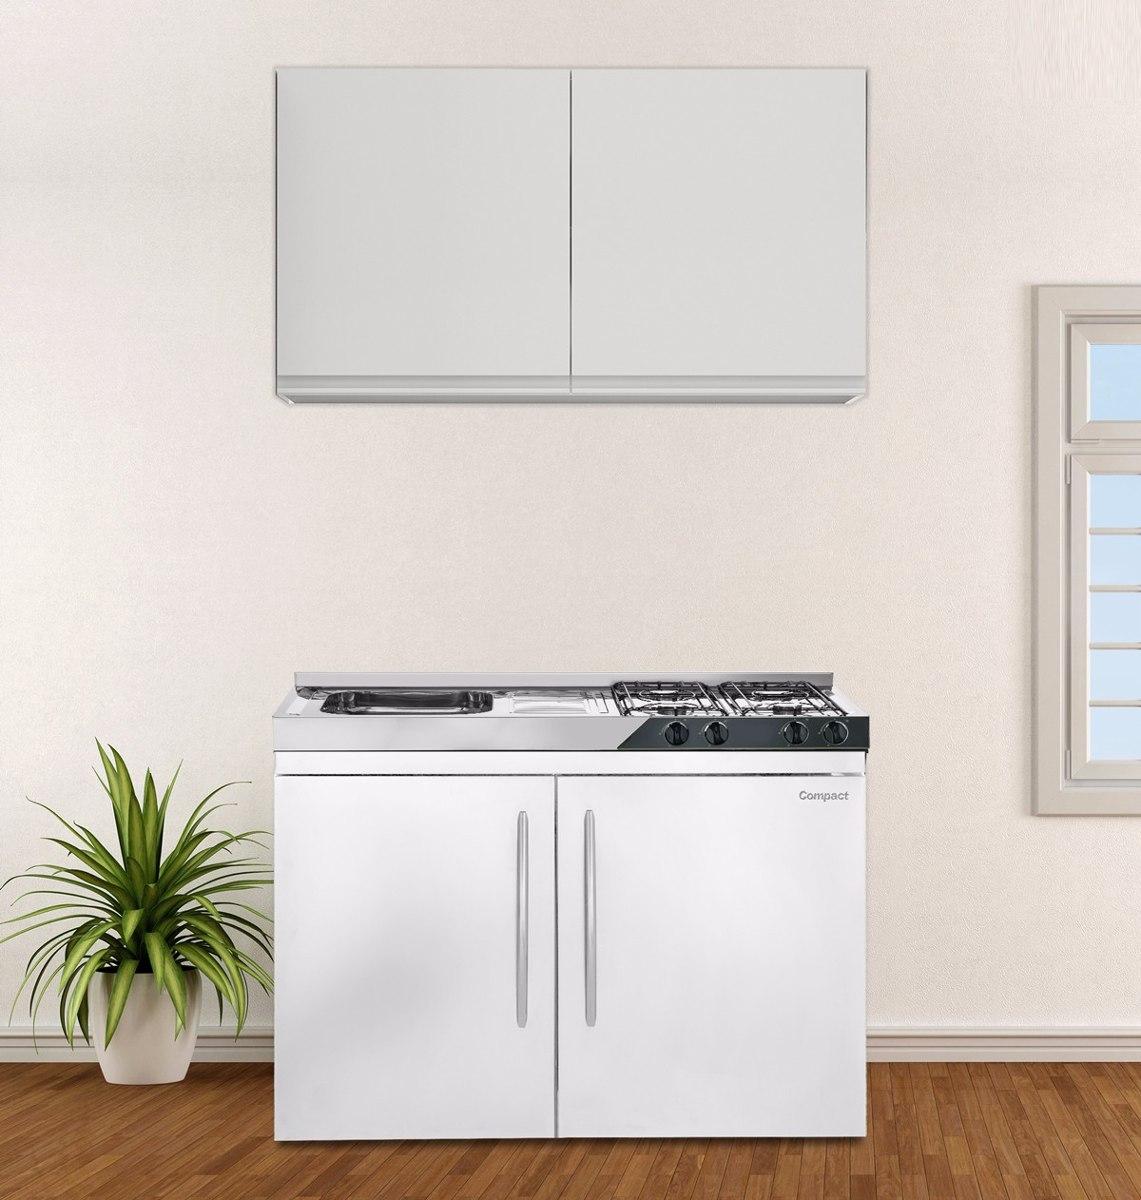 Mini Cozinha Compact 4x1 Pia fogão geladeira armário R$ 3.499 00  #4D5B1E 1141 1200